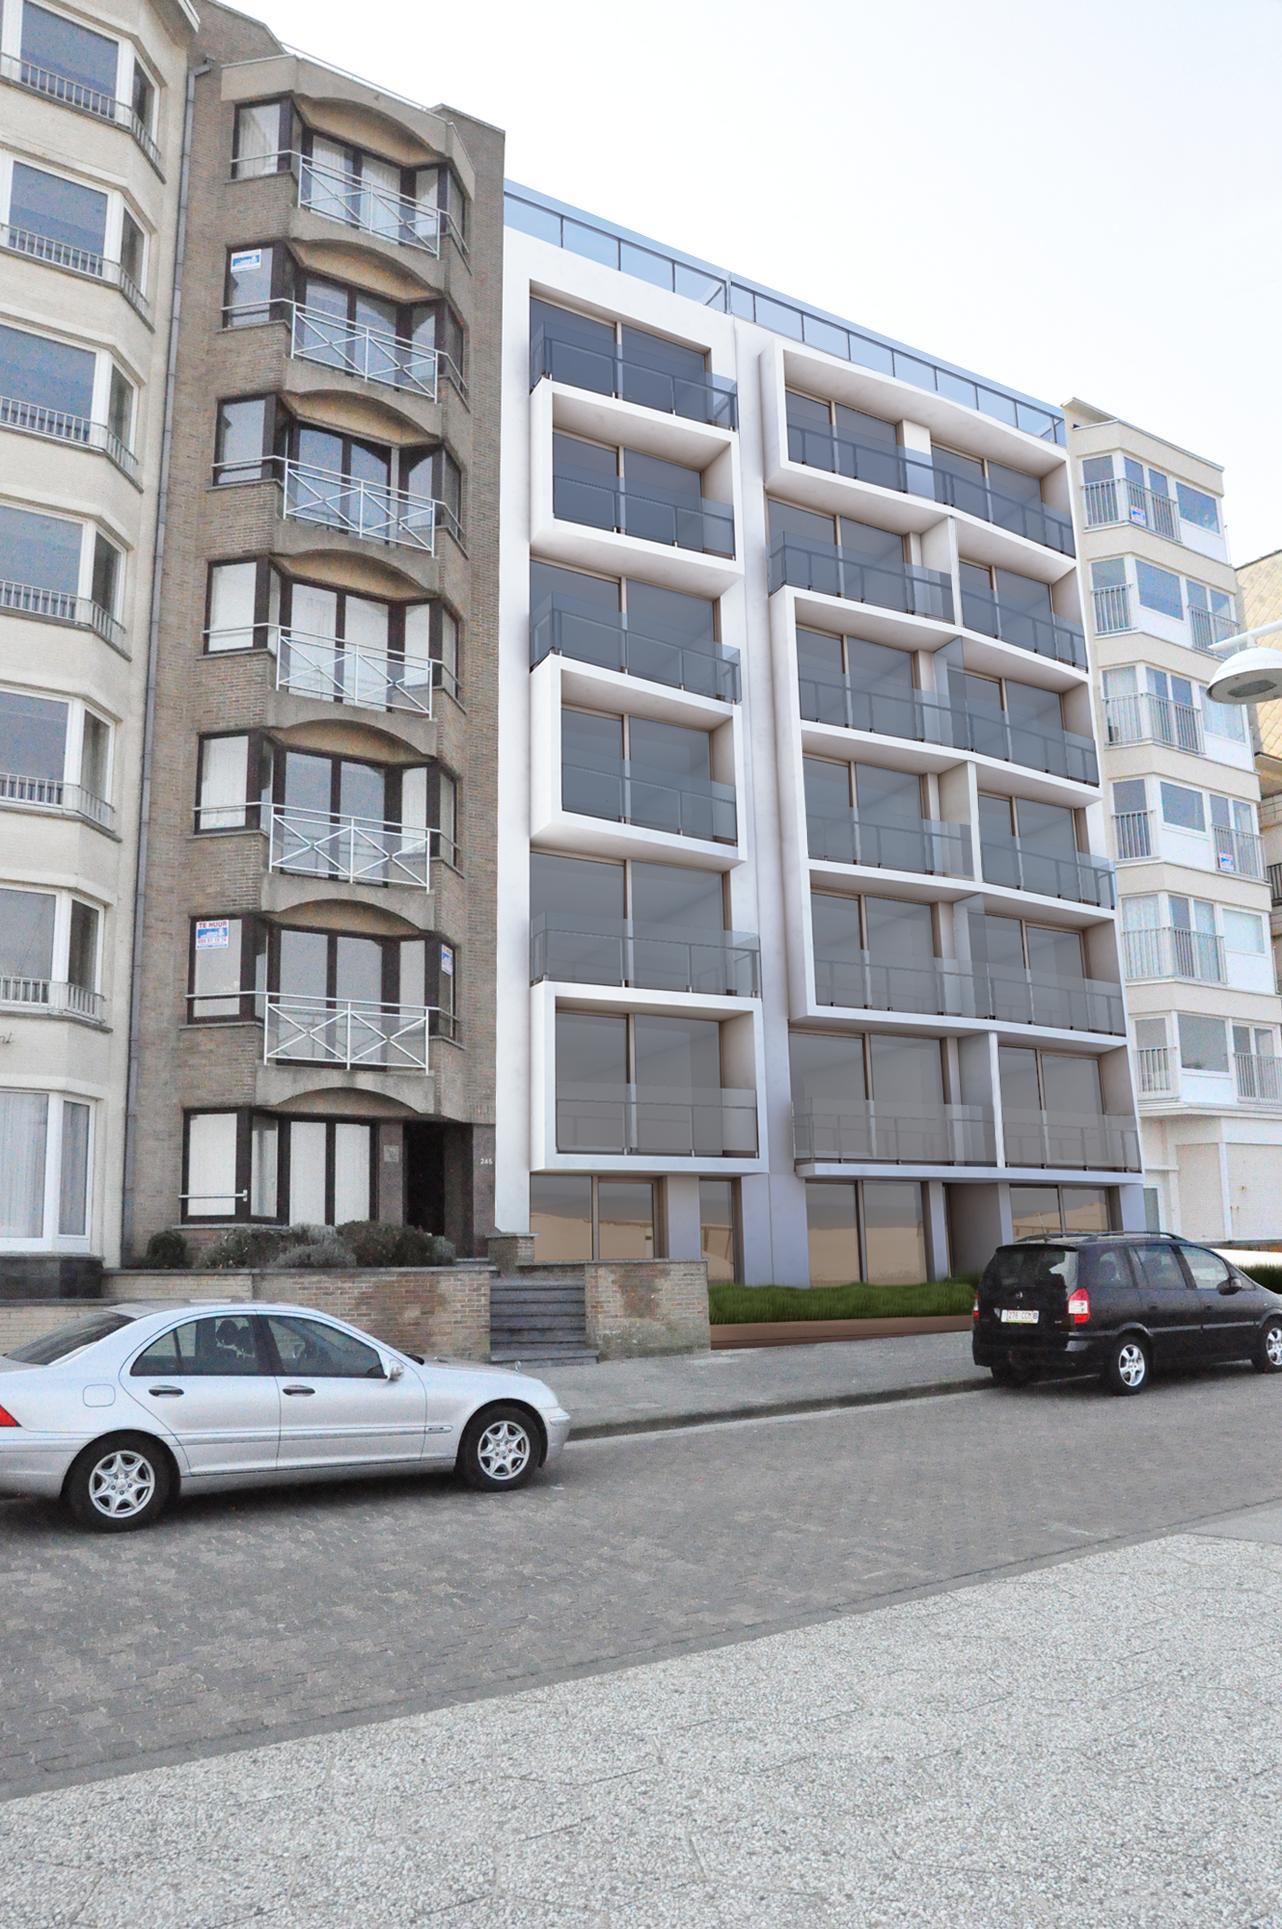 nouveau appartement avec 2 chambres sur la digue agence notre dame koksijde belgique. Black Bedroom Furniture Sets. Home Design Ideas